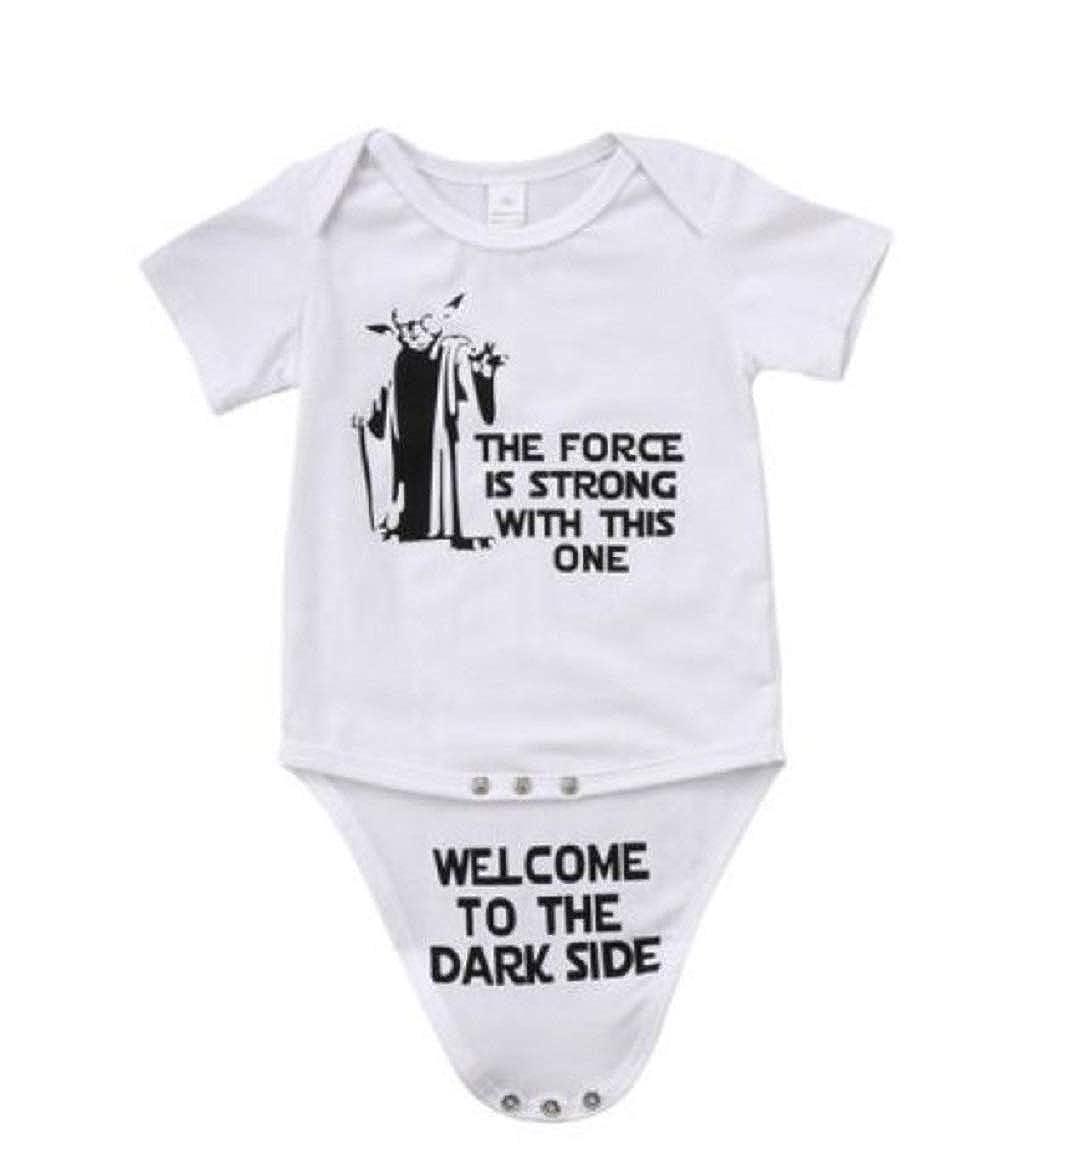 Pudcoco Star Wars Newborn Baby Romper Onesie Outfit